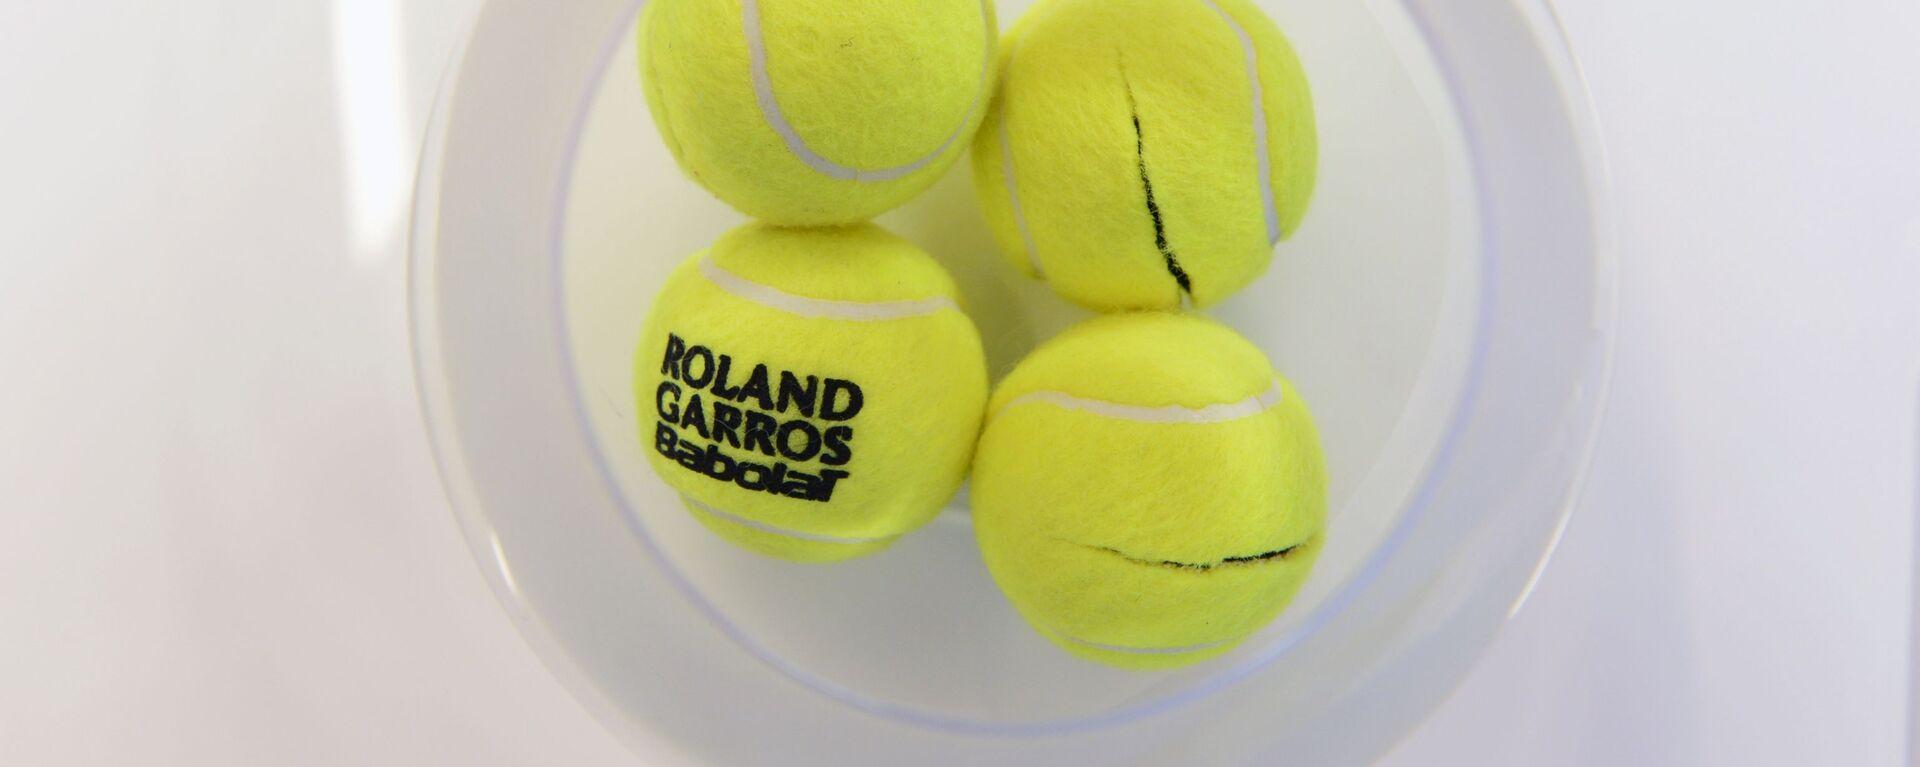 Pelotas de tenis  - Sputnik Mundo, 1920, 21.09.2020